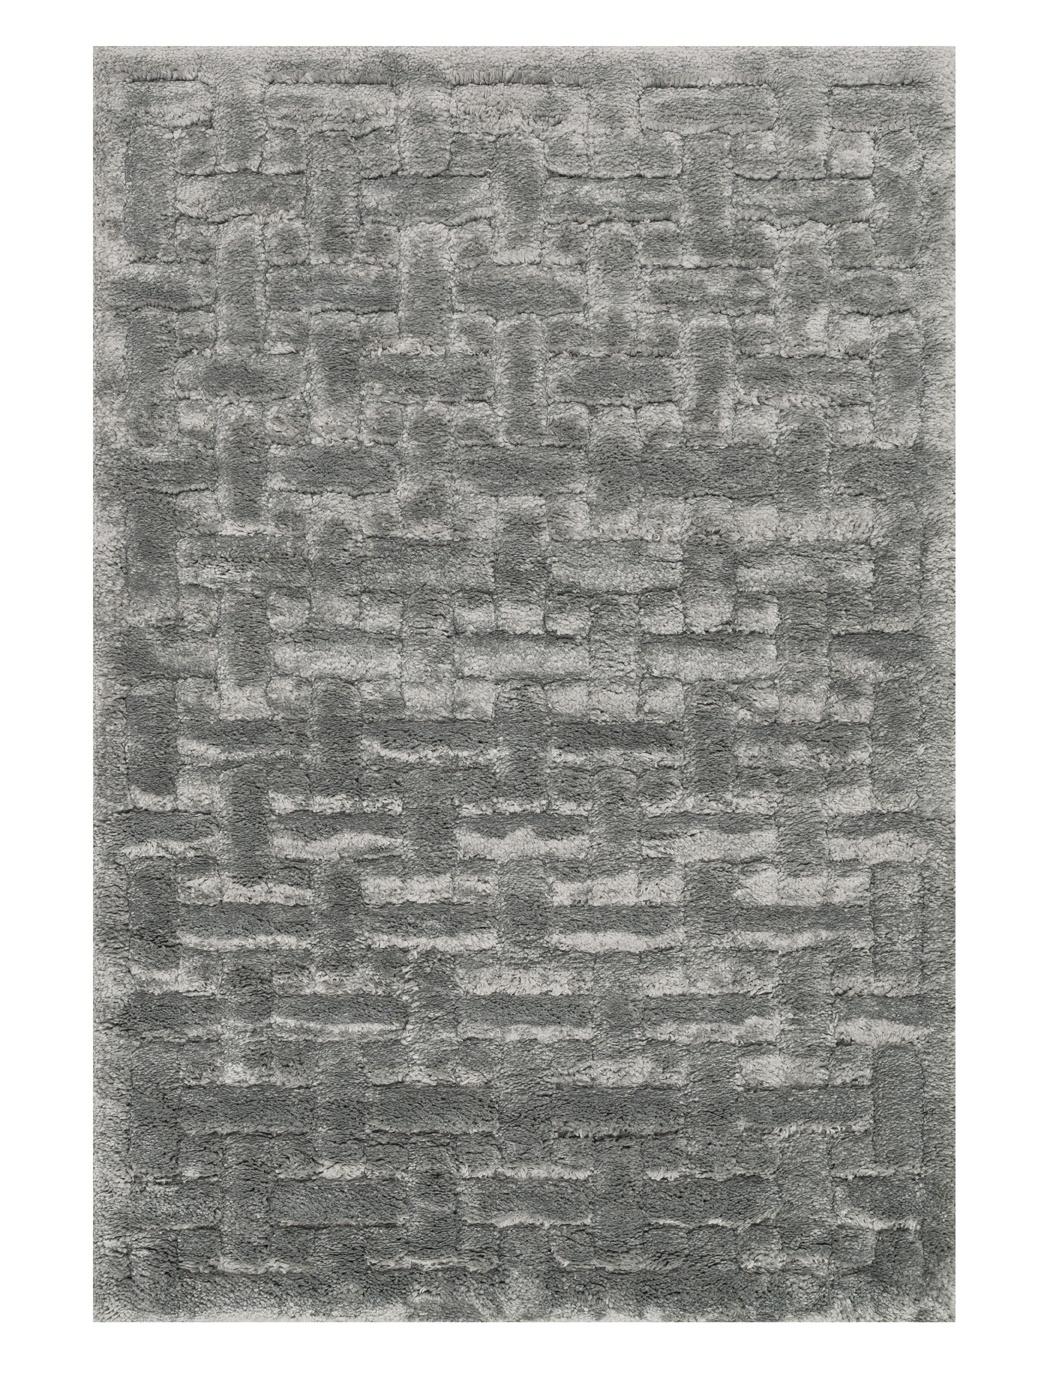 Loloi Rugs Azure Shag Area Rug, 5-Feet 2-Inch by 7-Feet 7-Inch